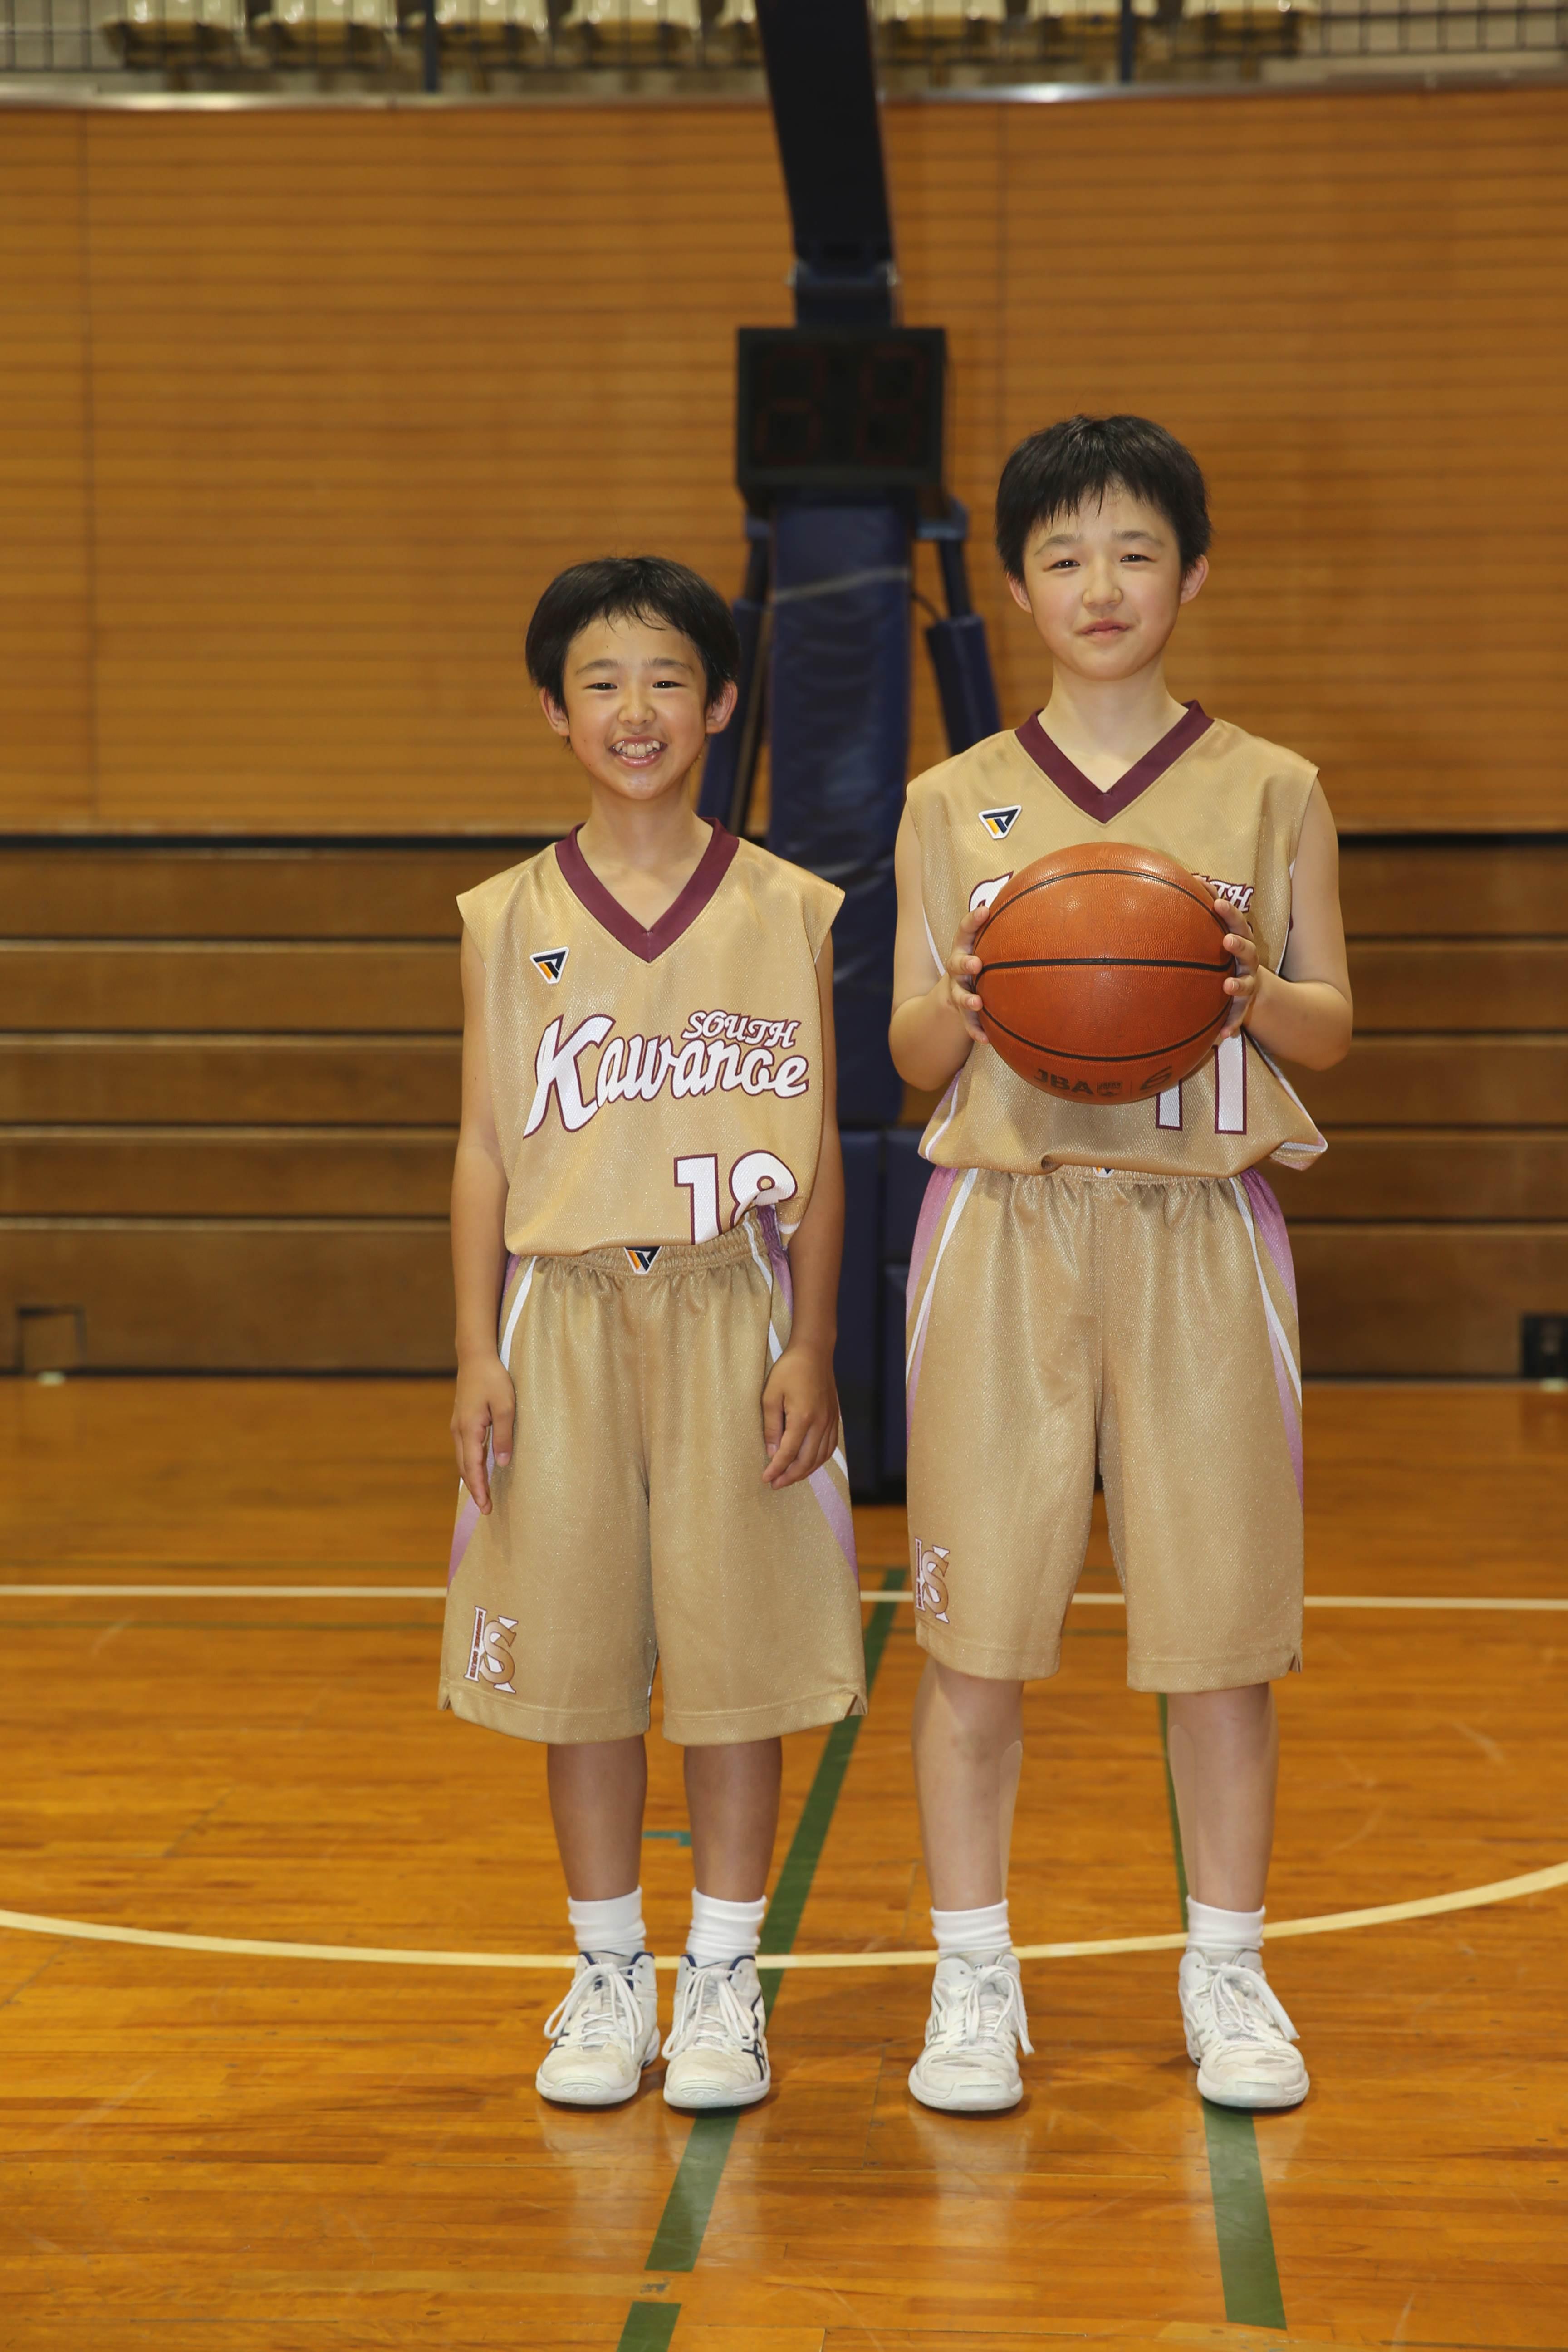 バスケットボール (2)